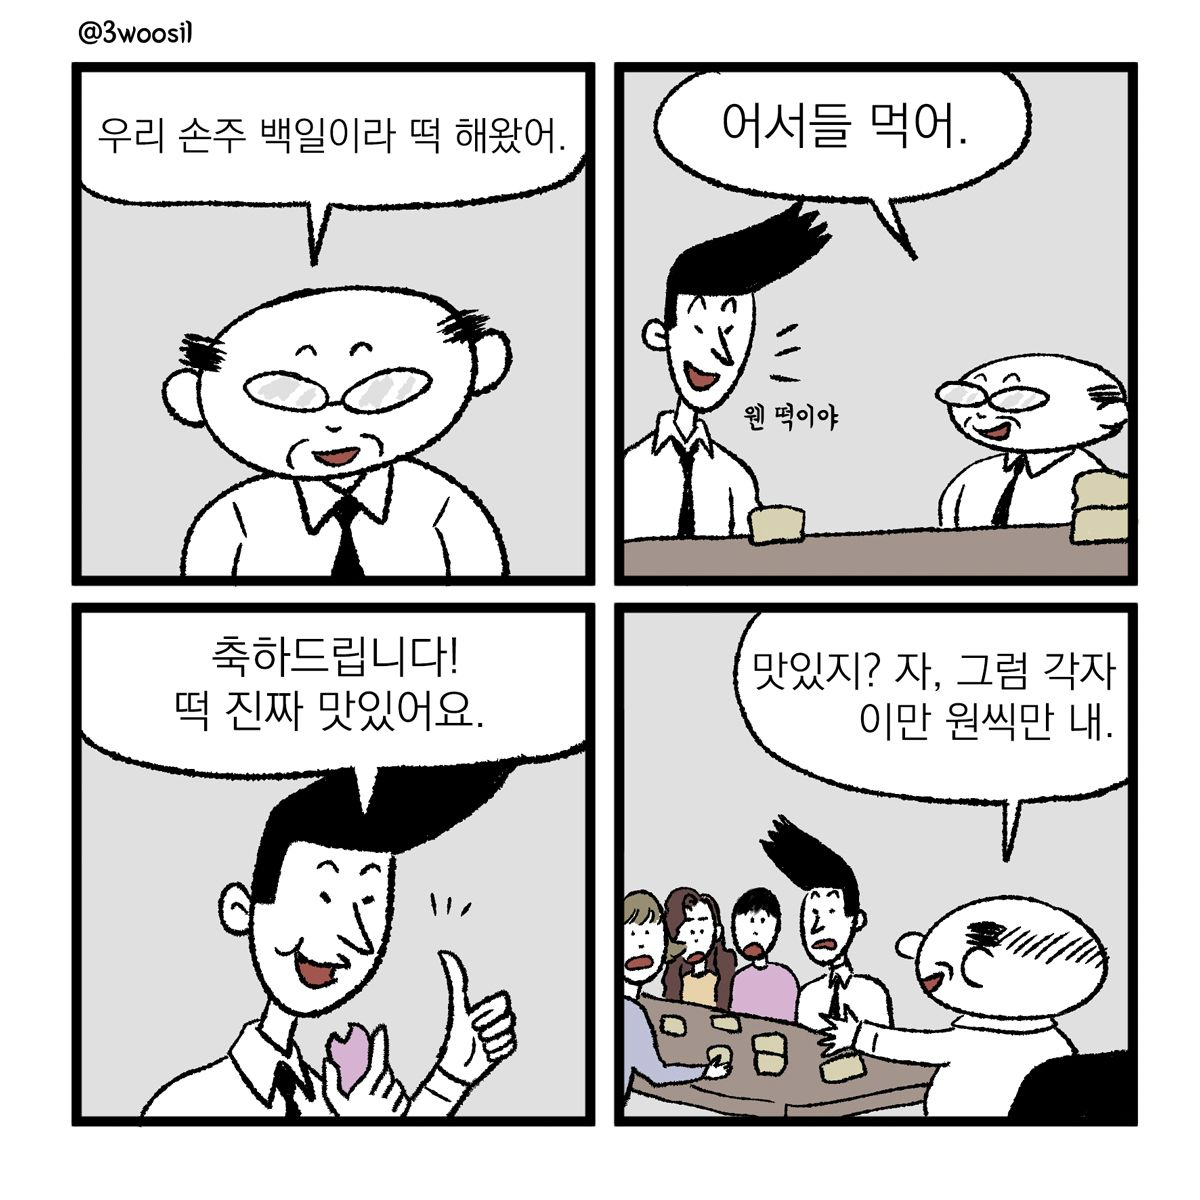 [직장만화] 삼우실 한컷: 백일 떡